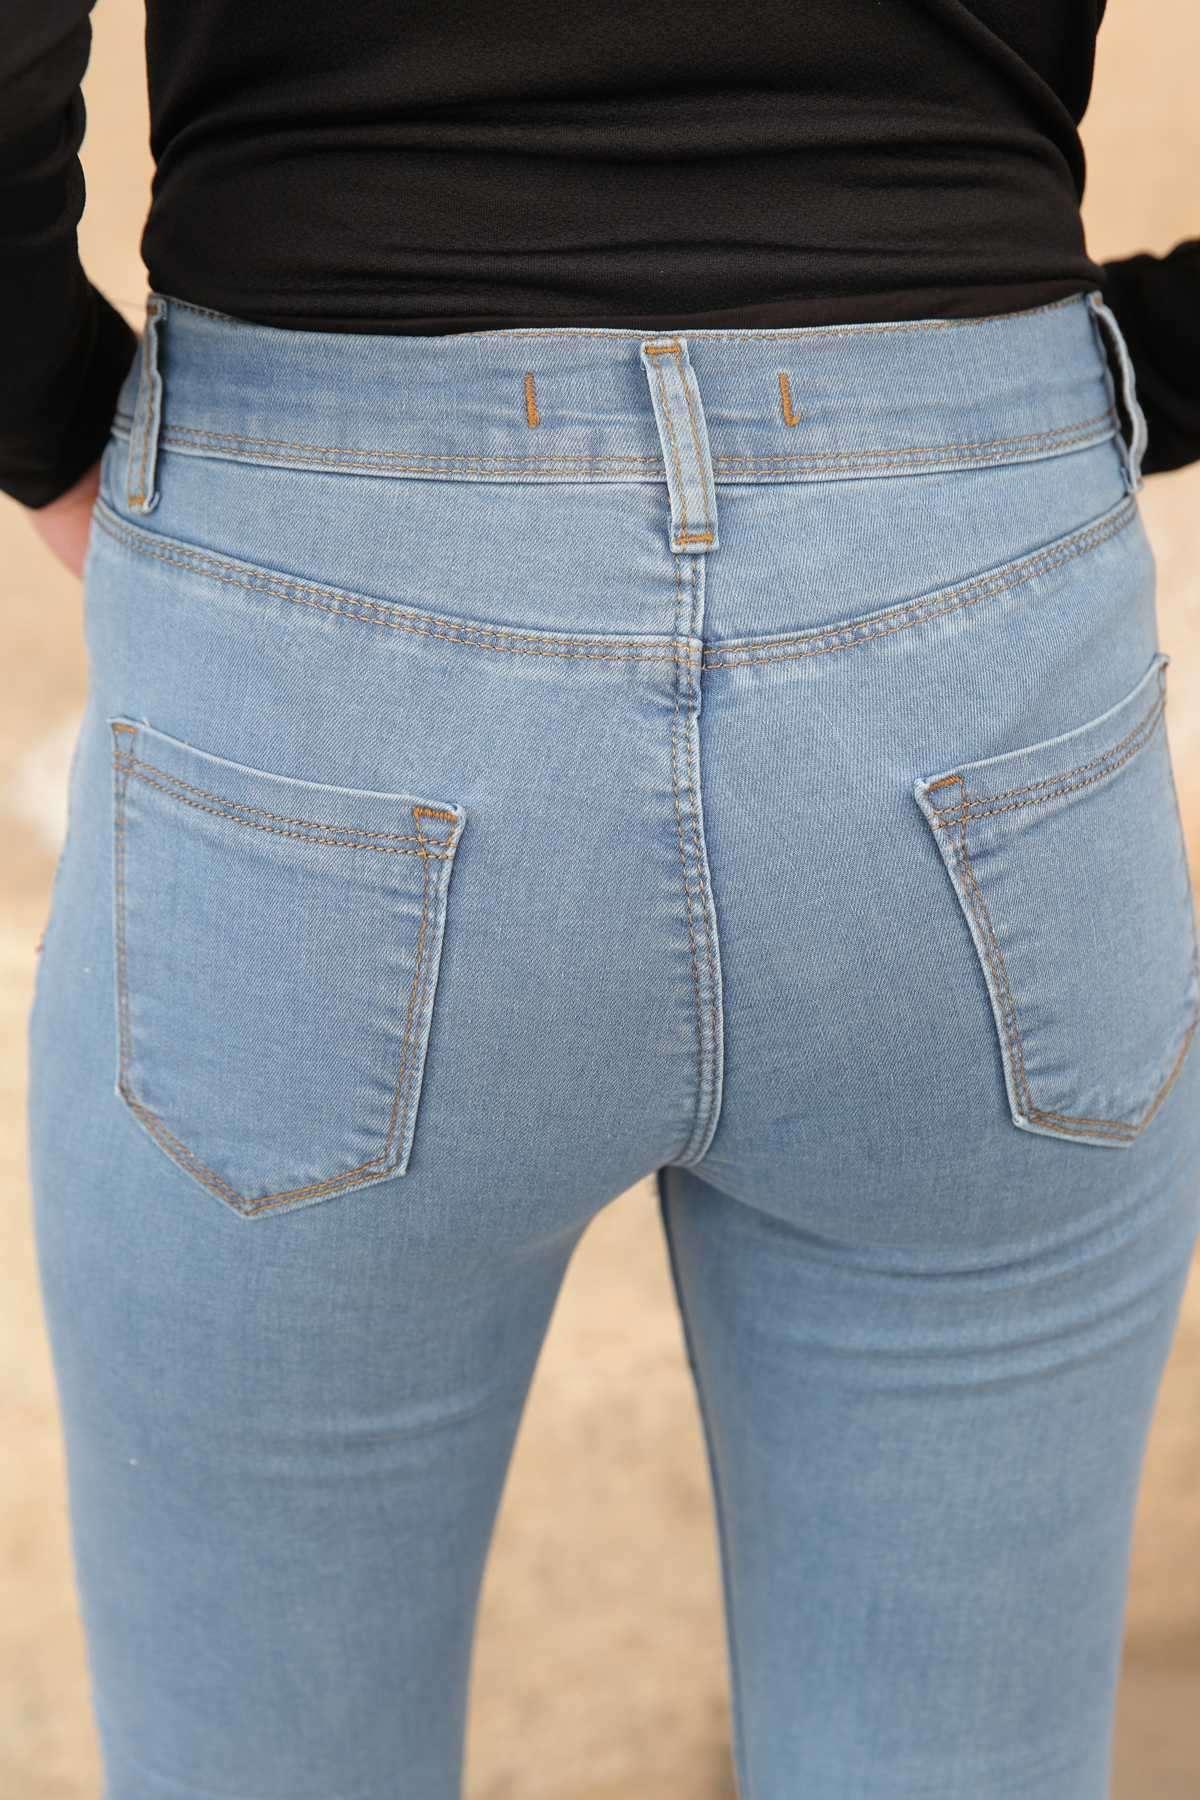 Paça Ucu Lazer Tırtıklu Püsküllü Slim Fit Kot Pantolon Mavi